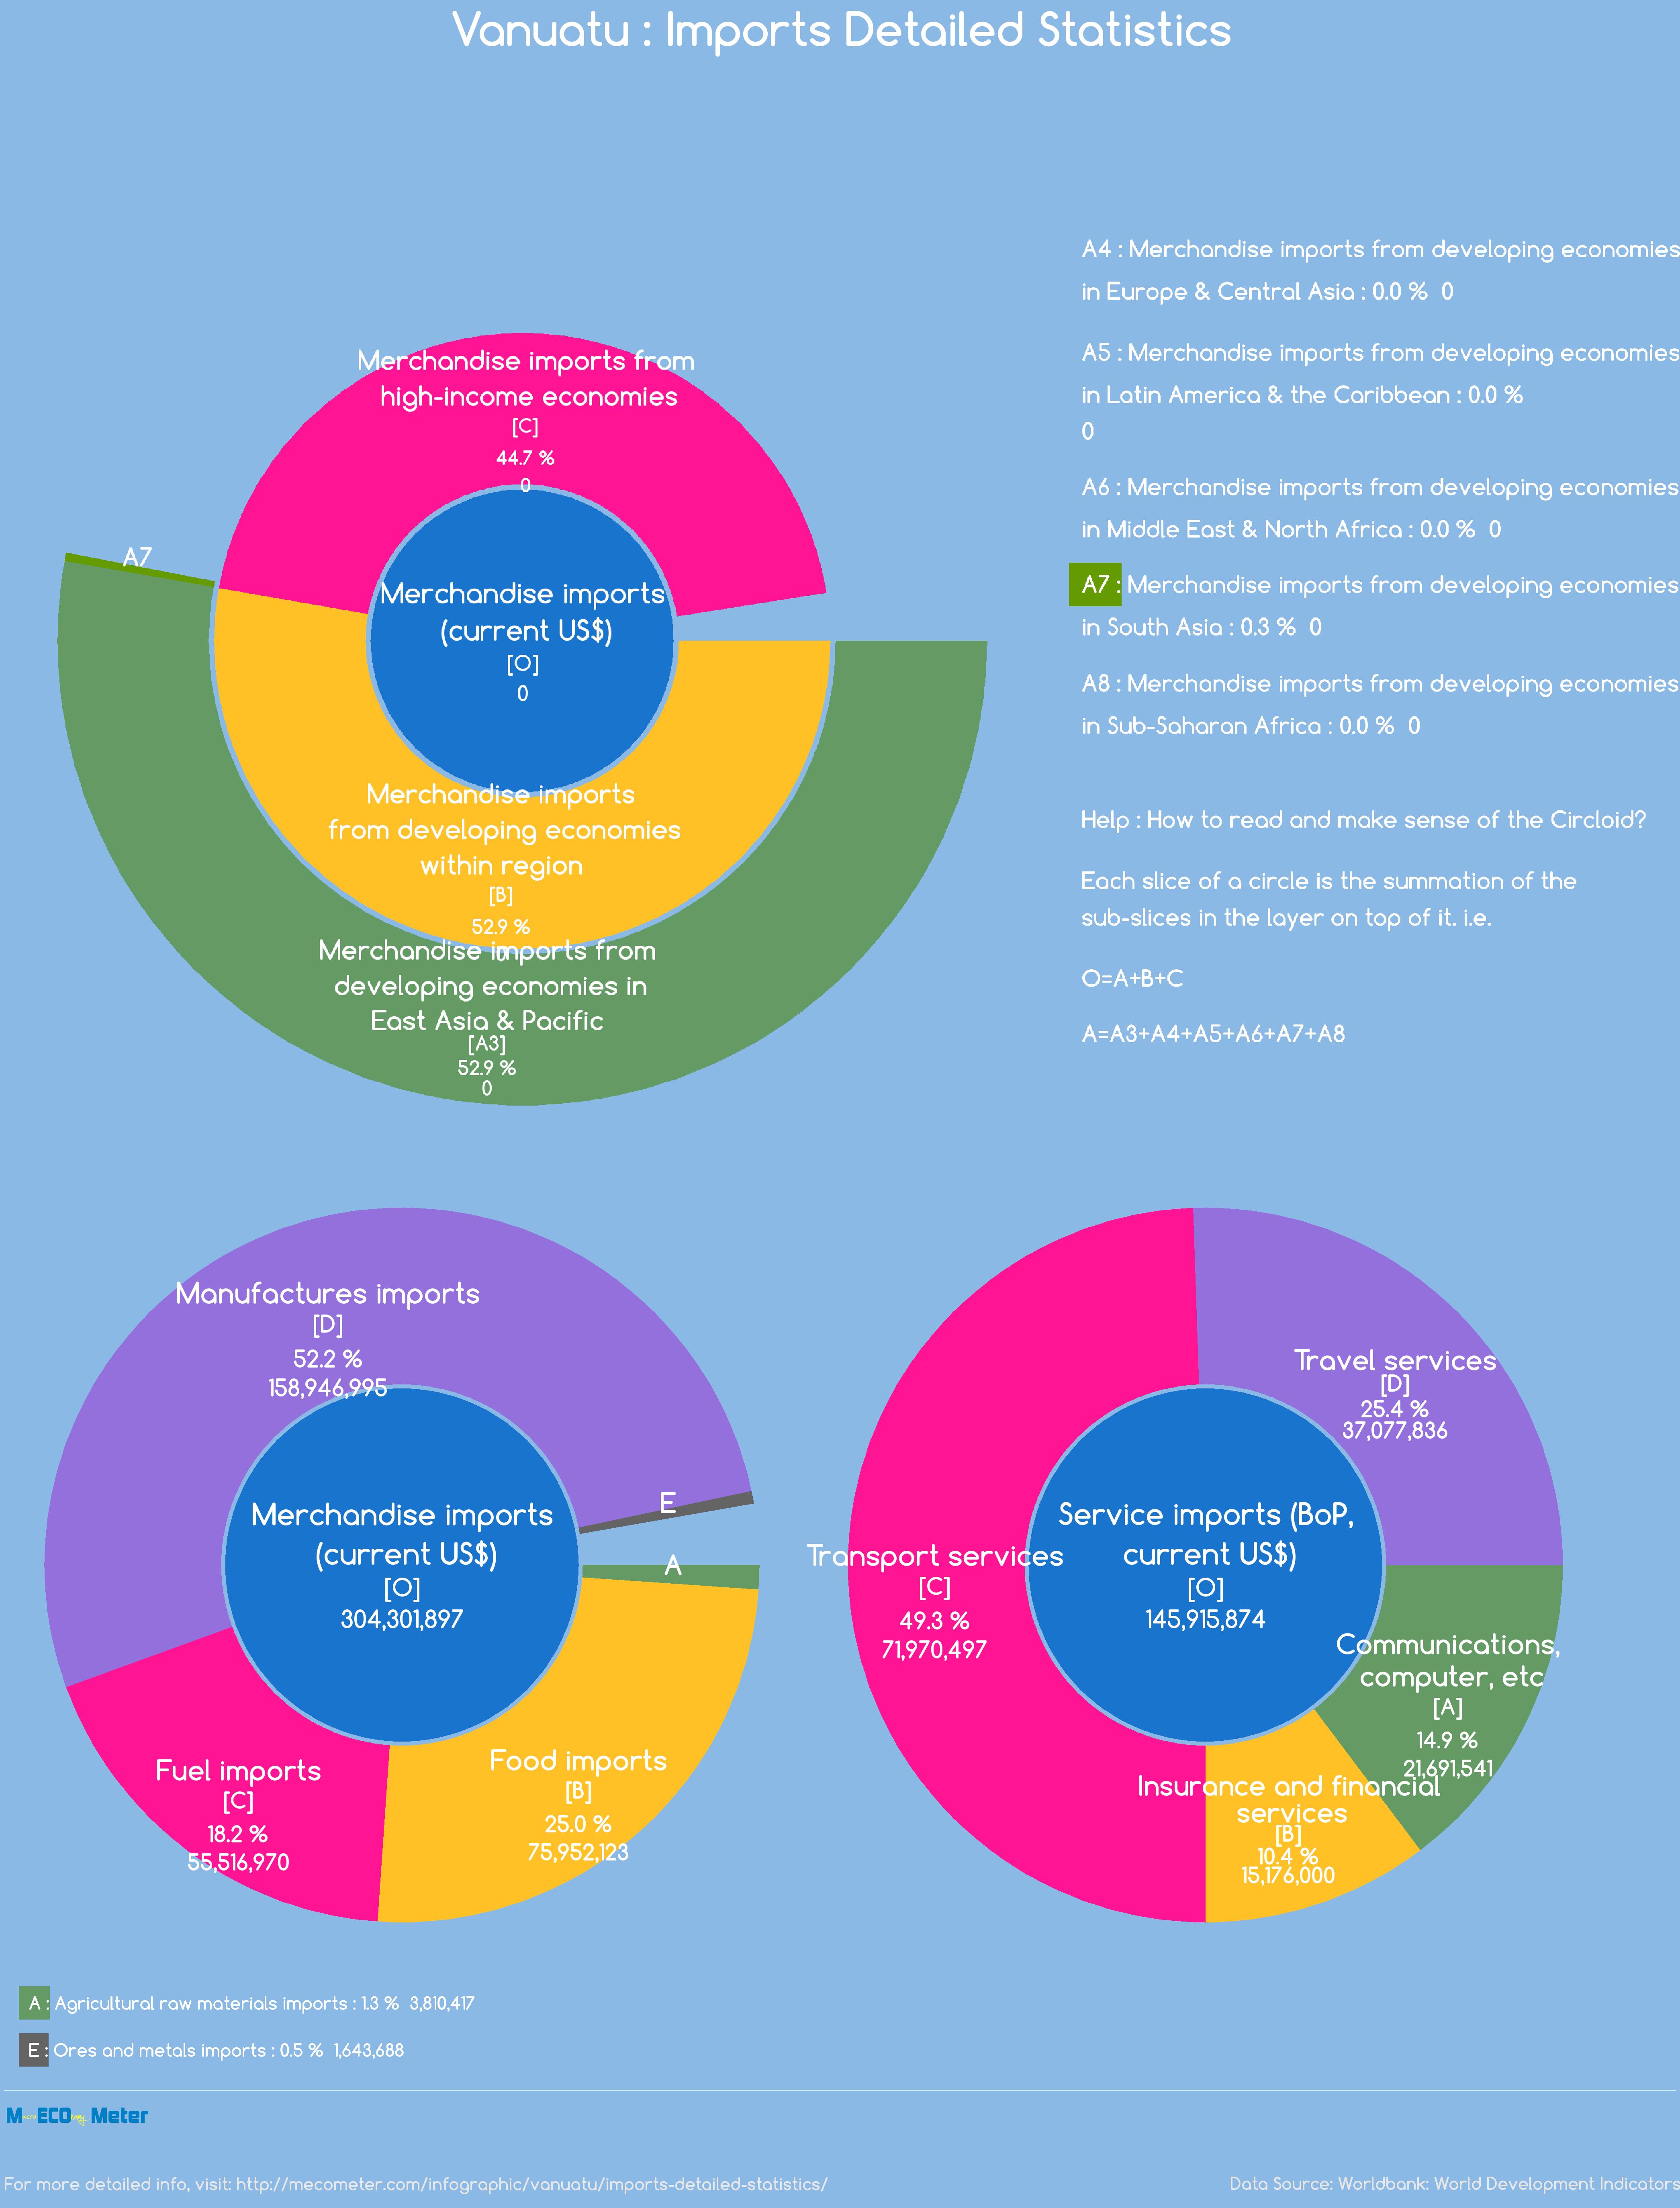 Vanuatu : Imports Detailed Statistics